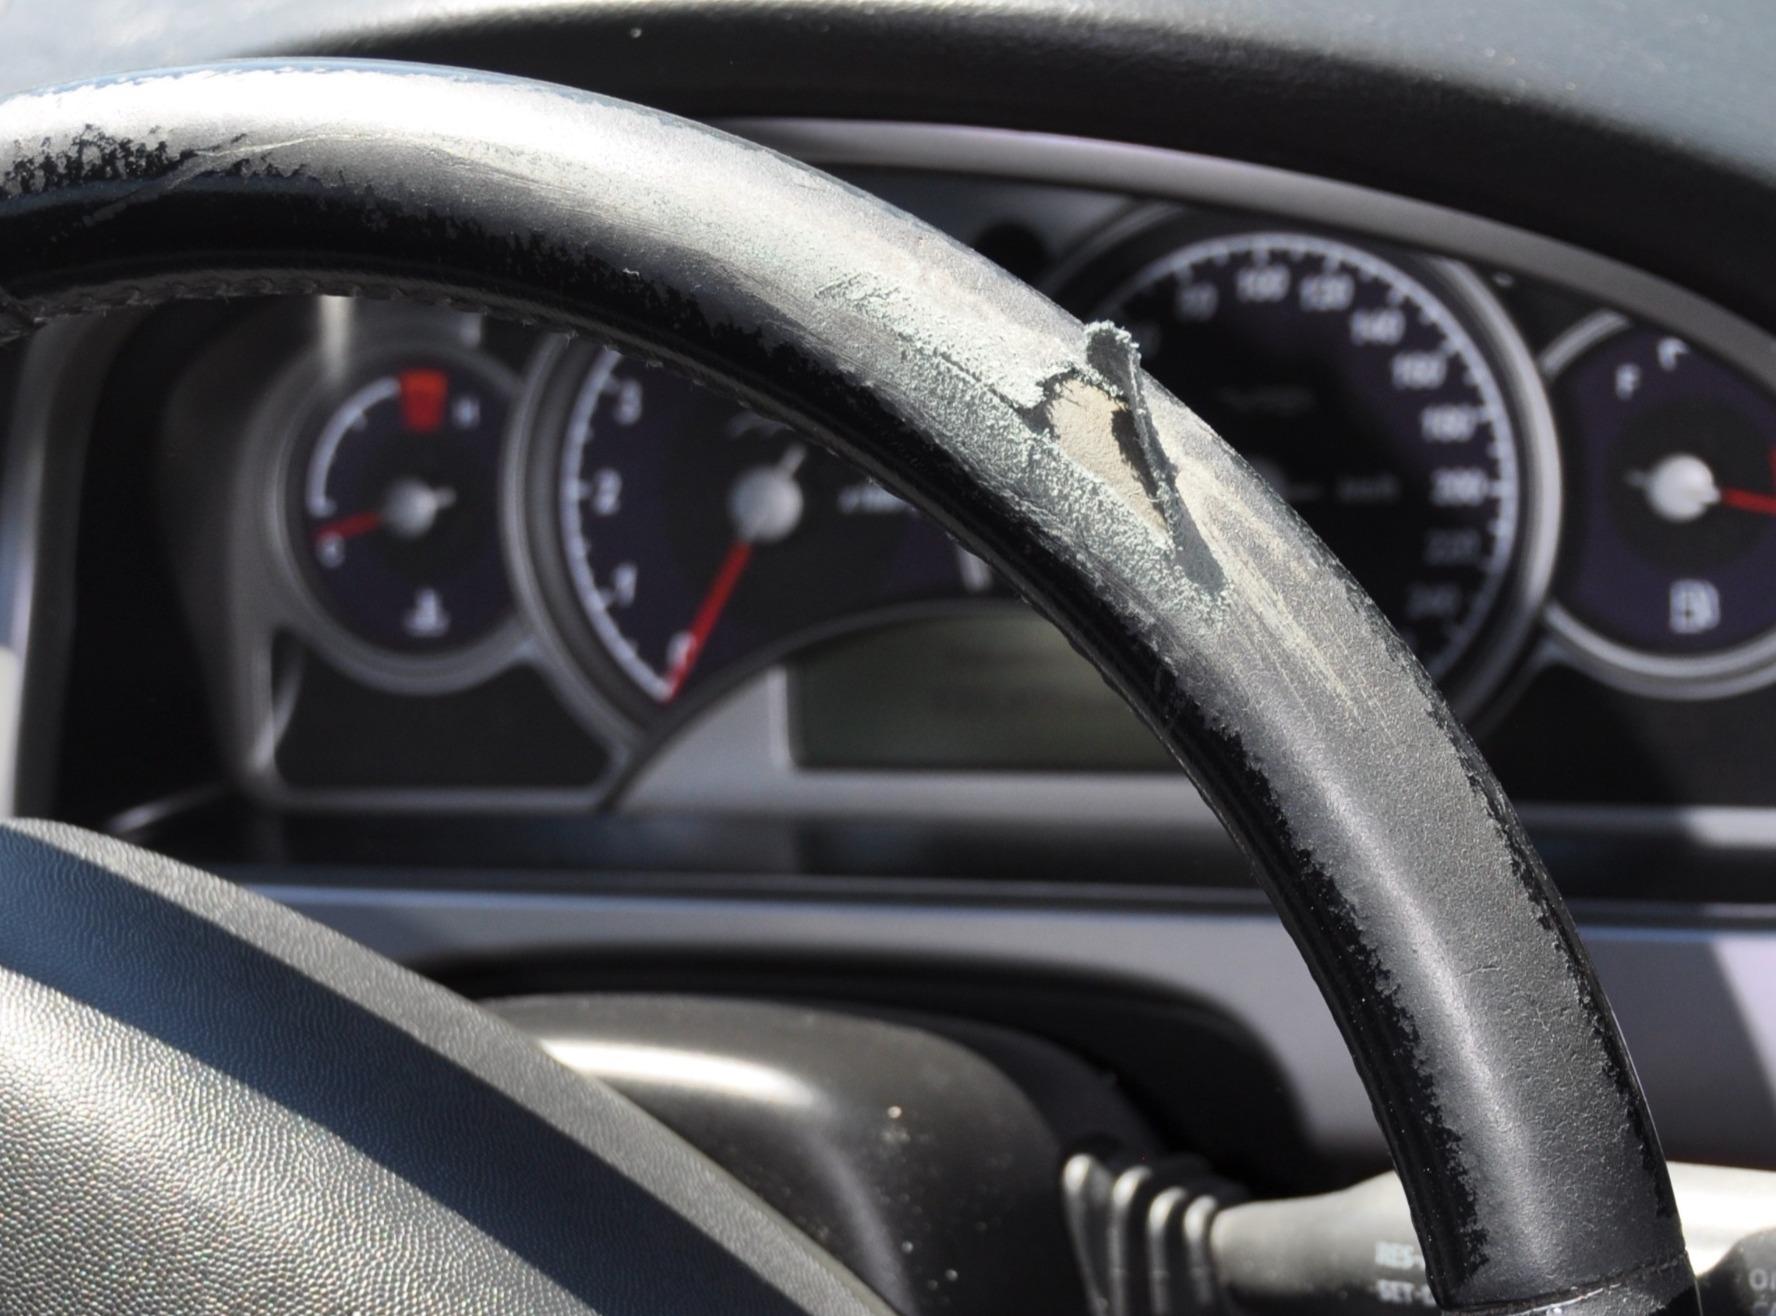 steering wheel - before